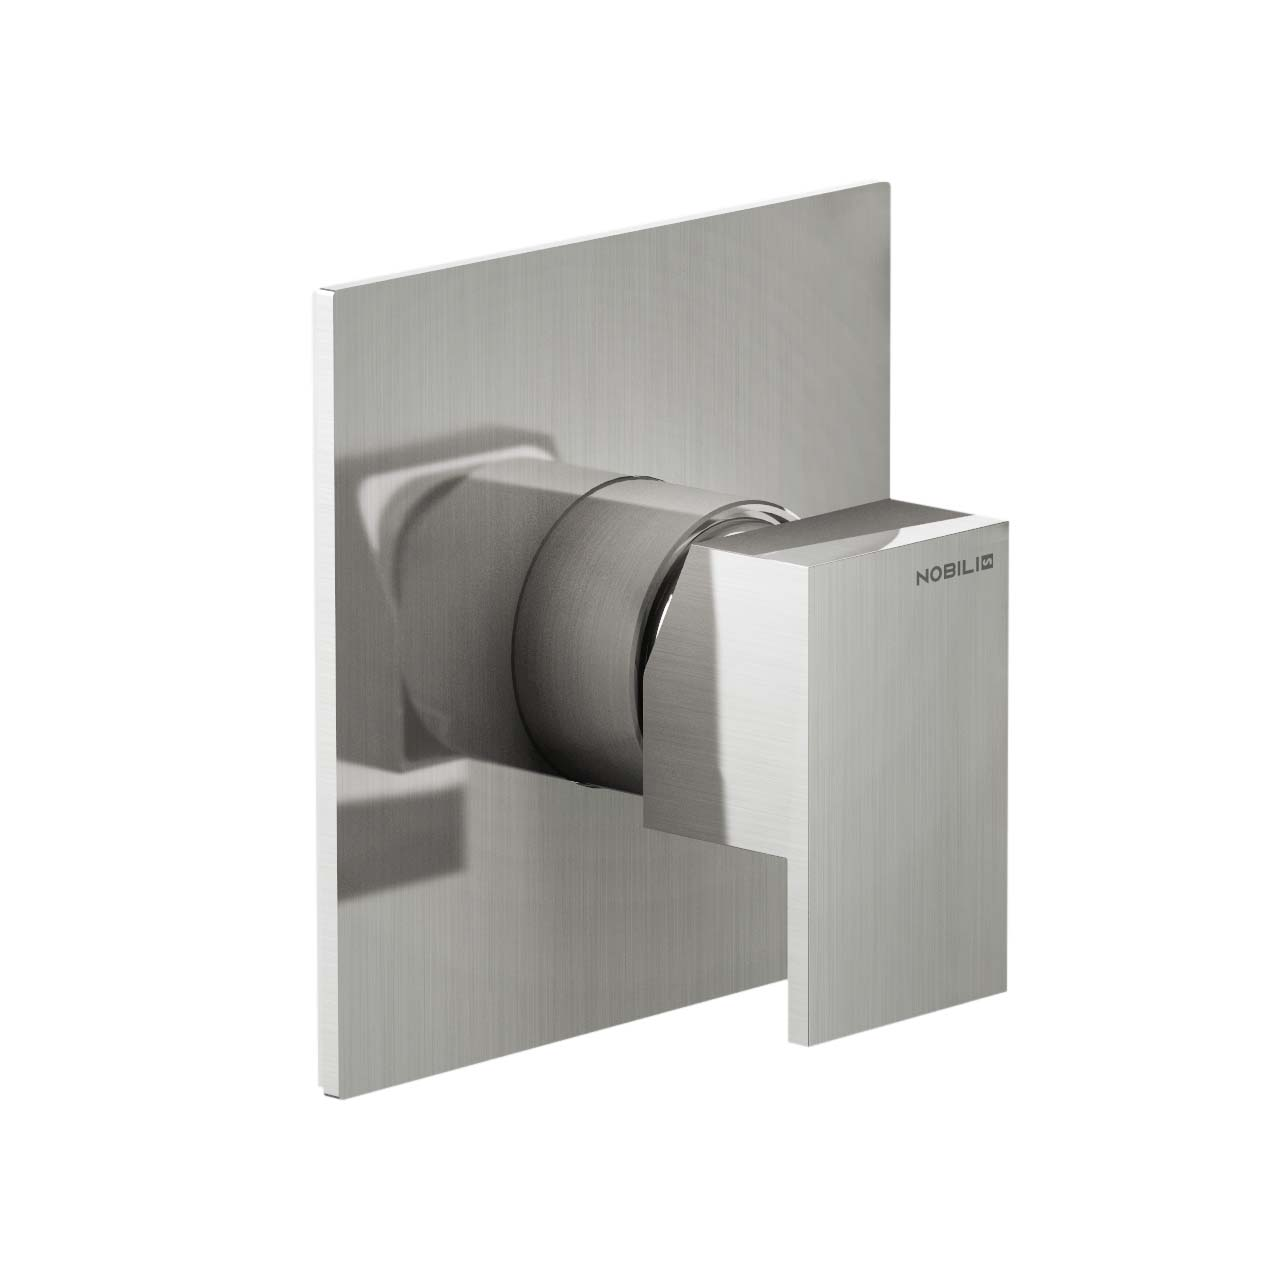 شیر توالت نوبیلی مدل MIA